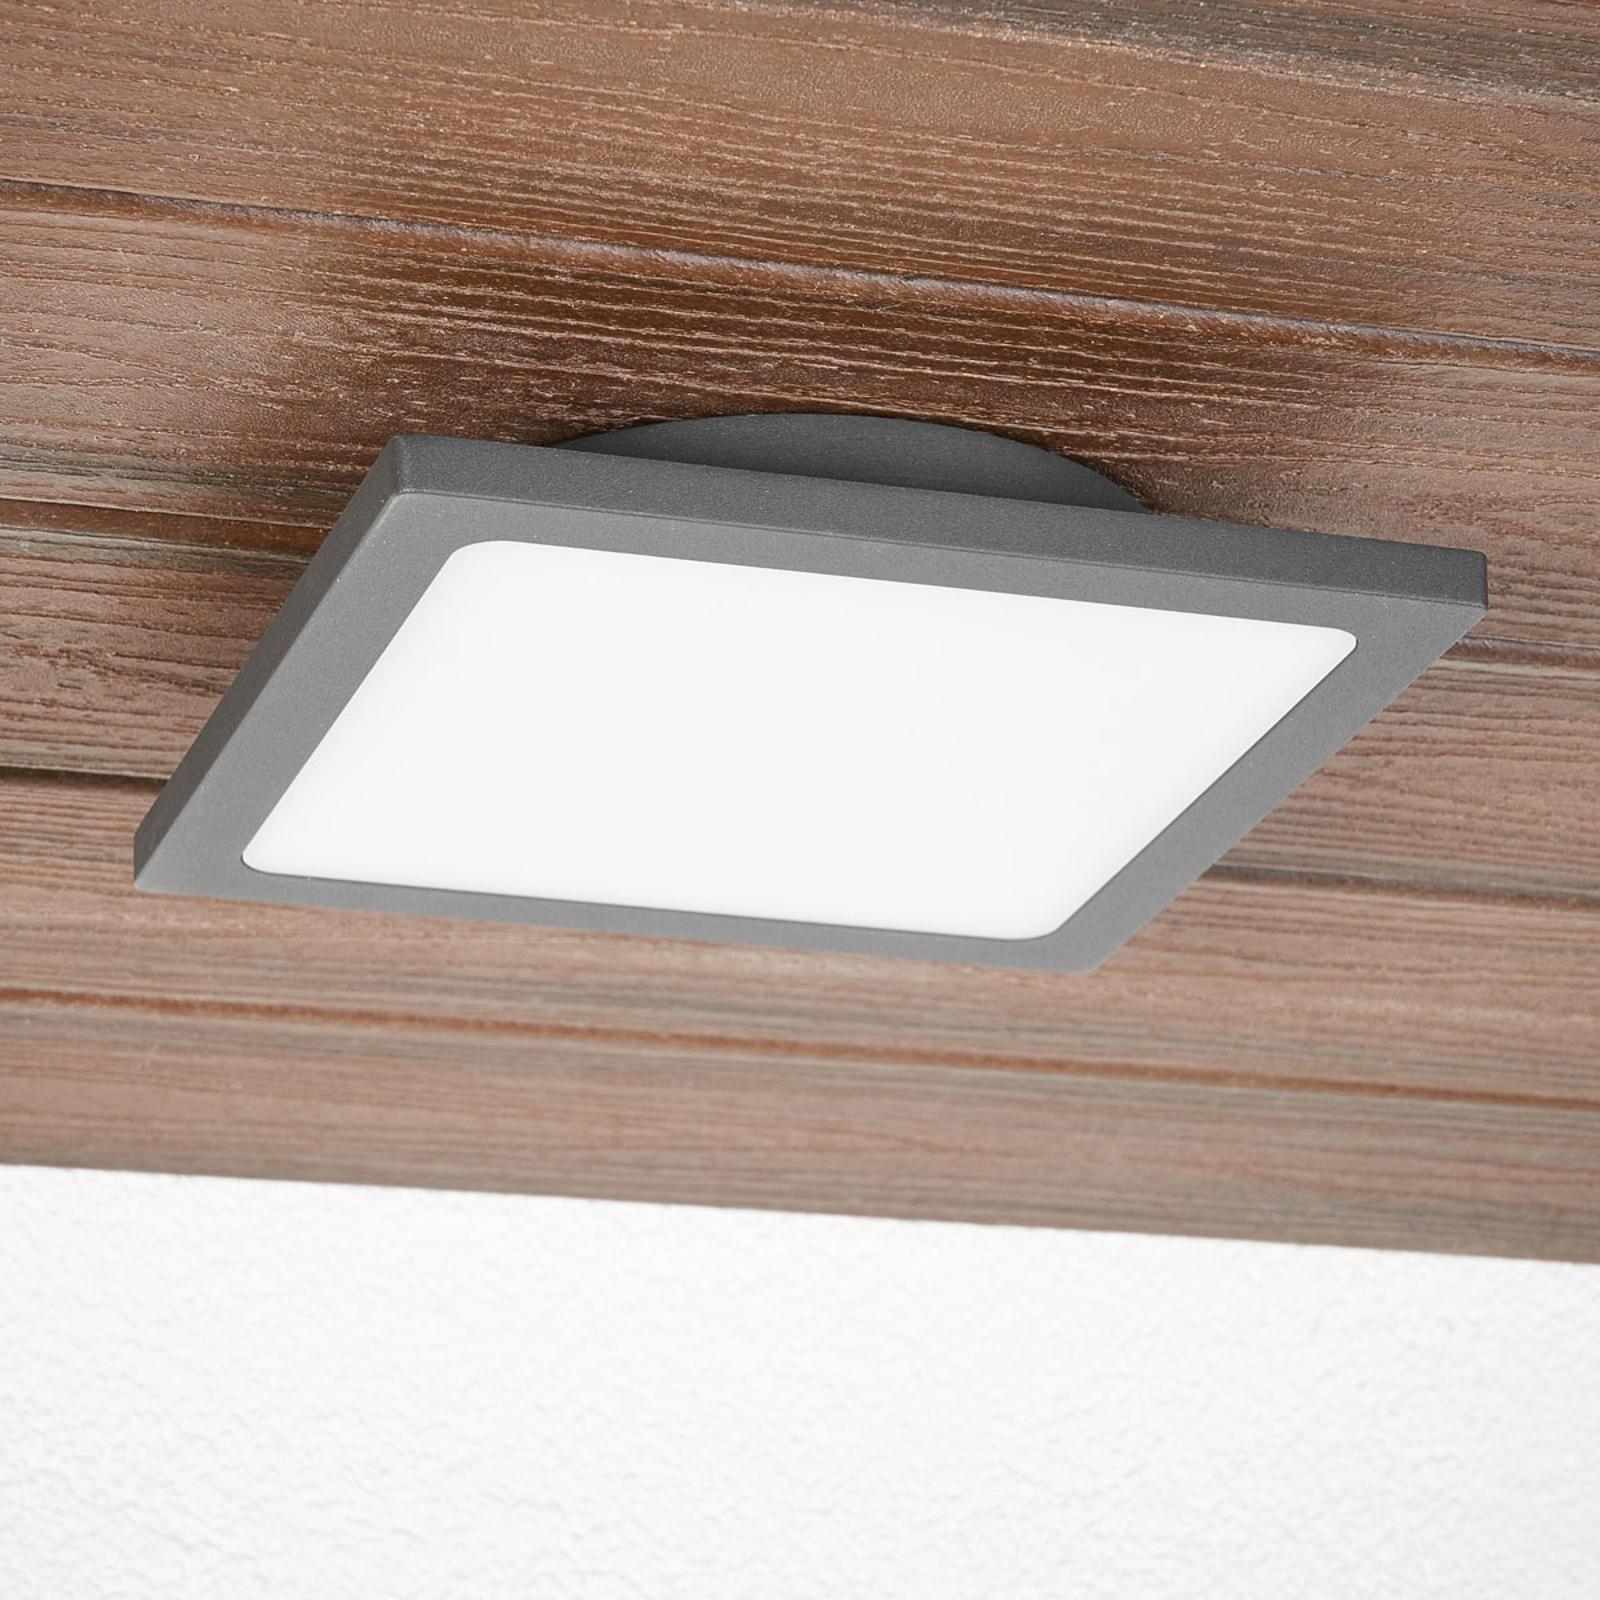 Mabella plafoniera per l'esterno LED con sensore